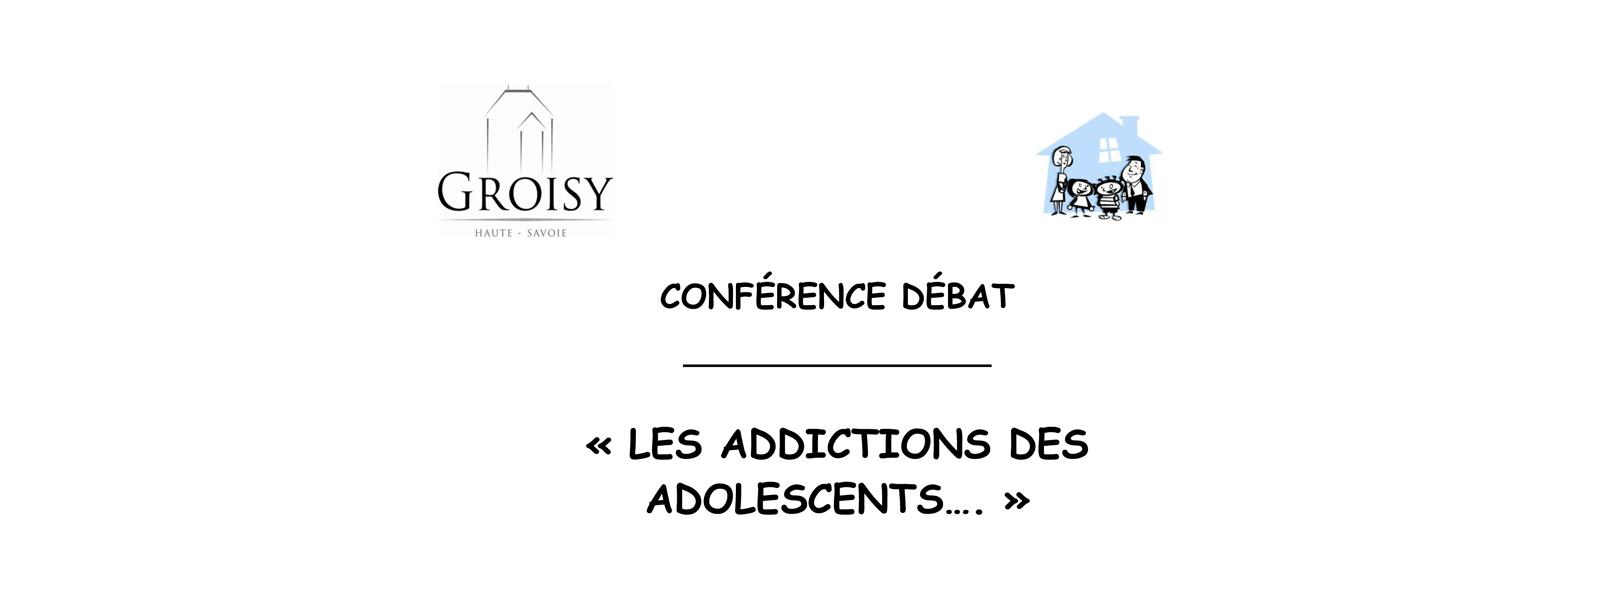 Les addictions des adolescents, conférence débat le mercredi 15 novembre 2017 à 20h à l'Espace d'Anmation de Groisy